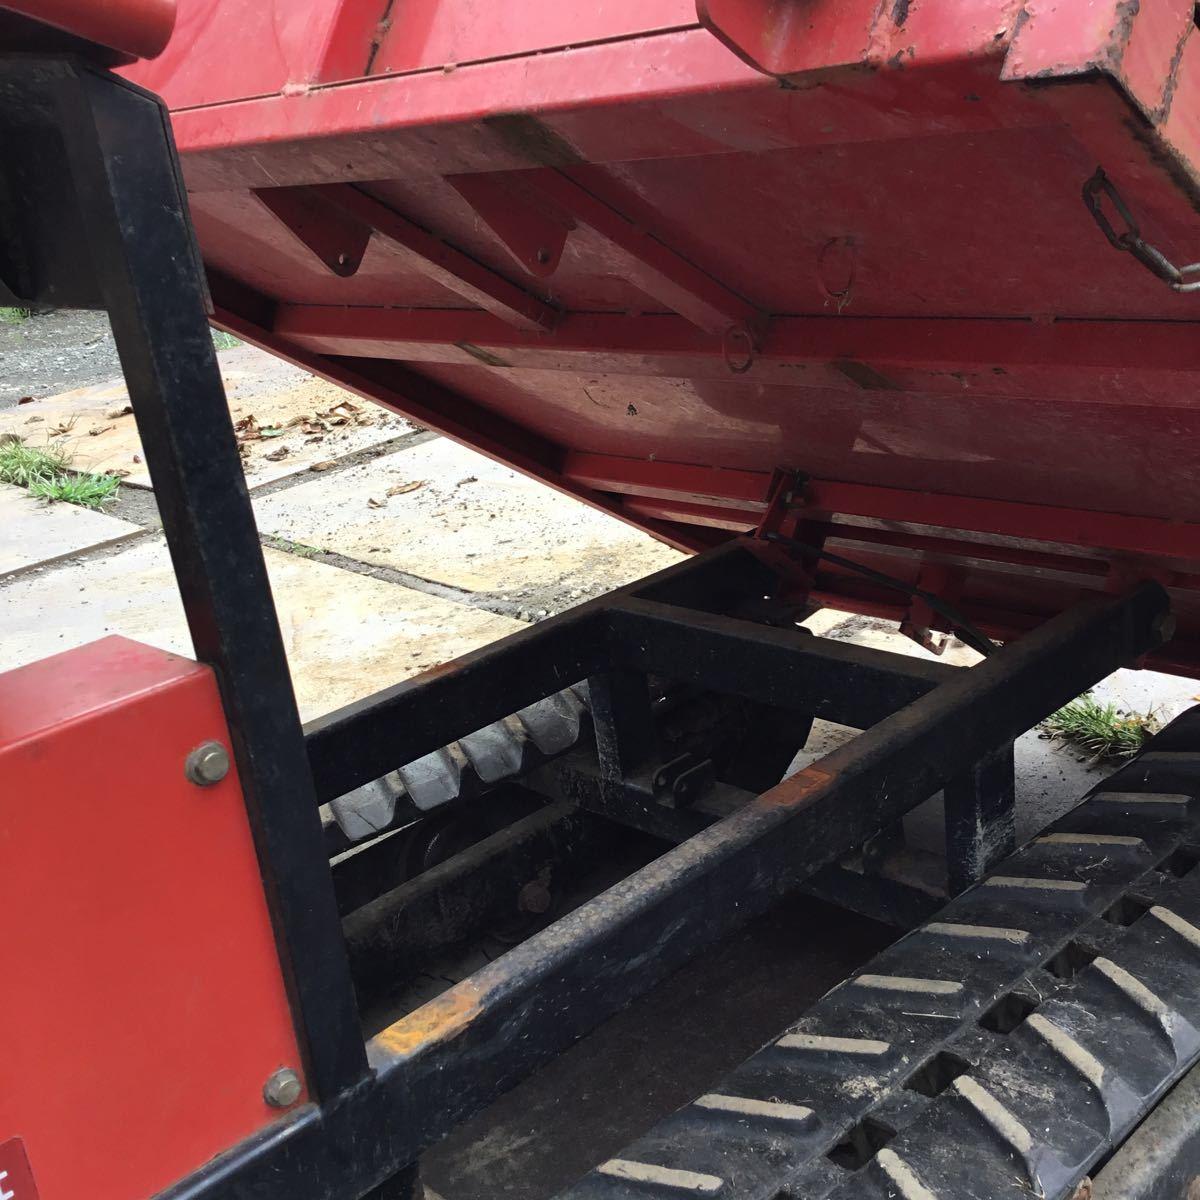 サンワ車輌 ミニクロ M1000 運搬車 最大積載量400キロ クボタガソリンエンジン 動作確認済み クローラ難有り 格安_画像8